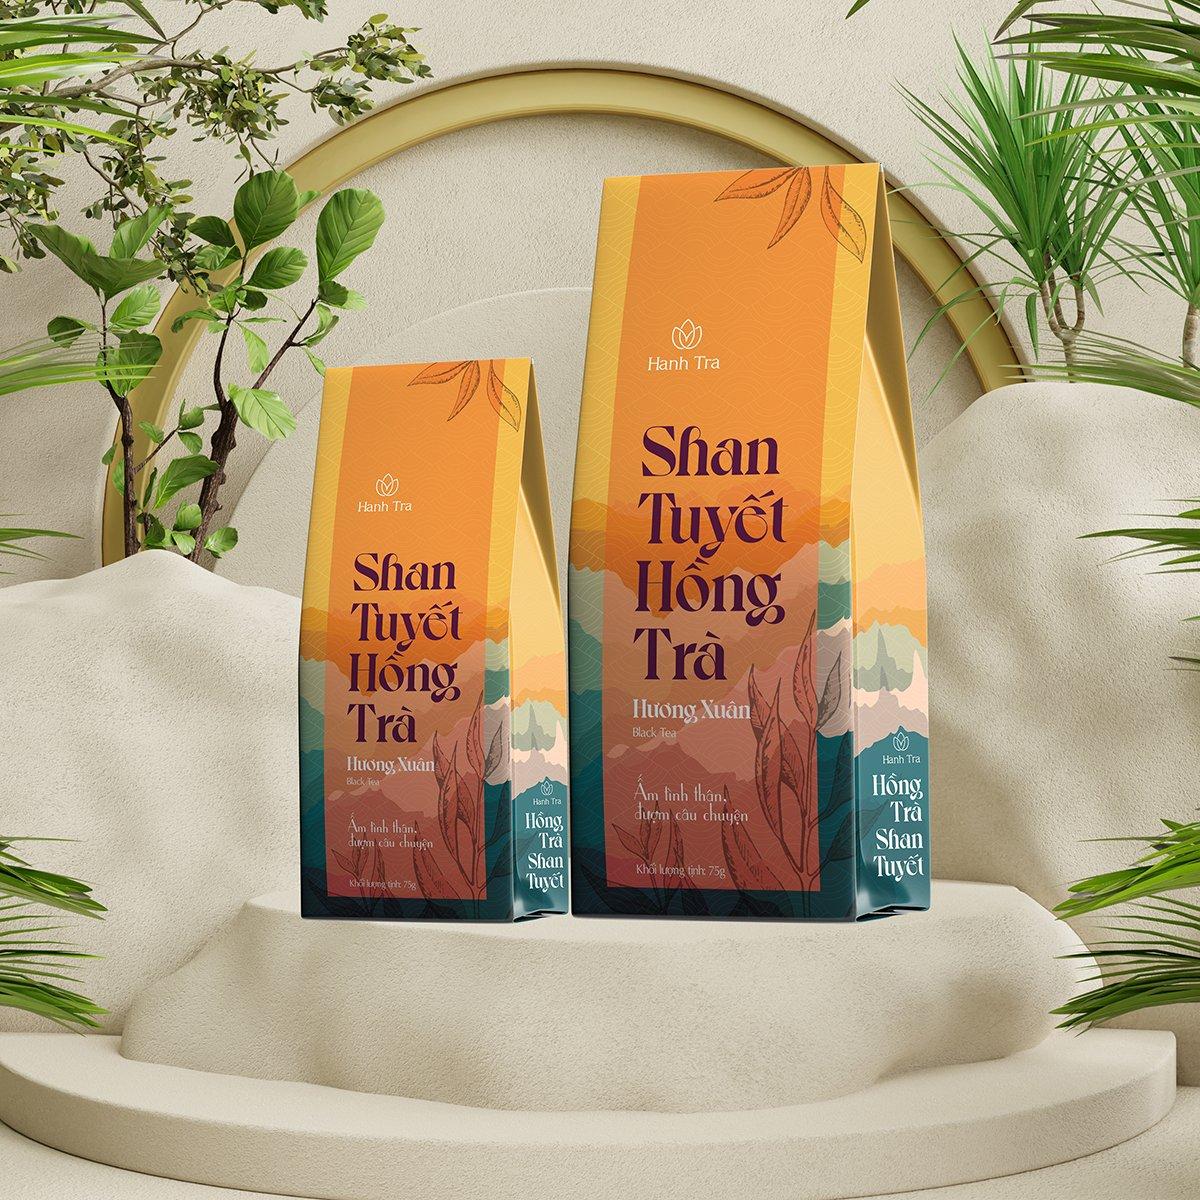 Shan Tuyết Hồng Trà Rừng Cổ Thụ Thượng Hạng 35g - Black Tea